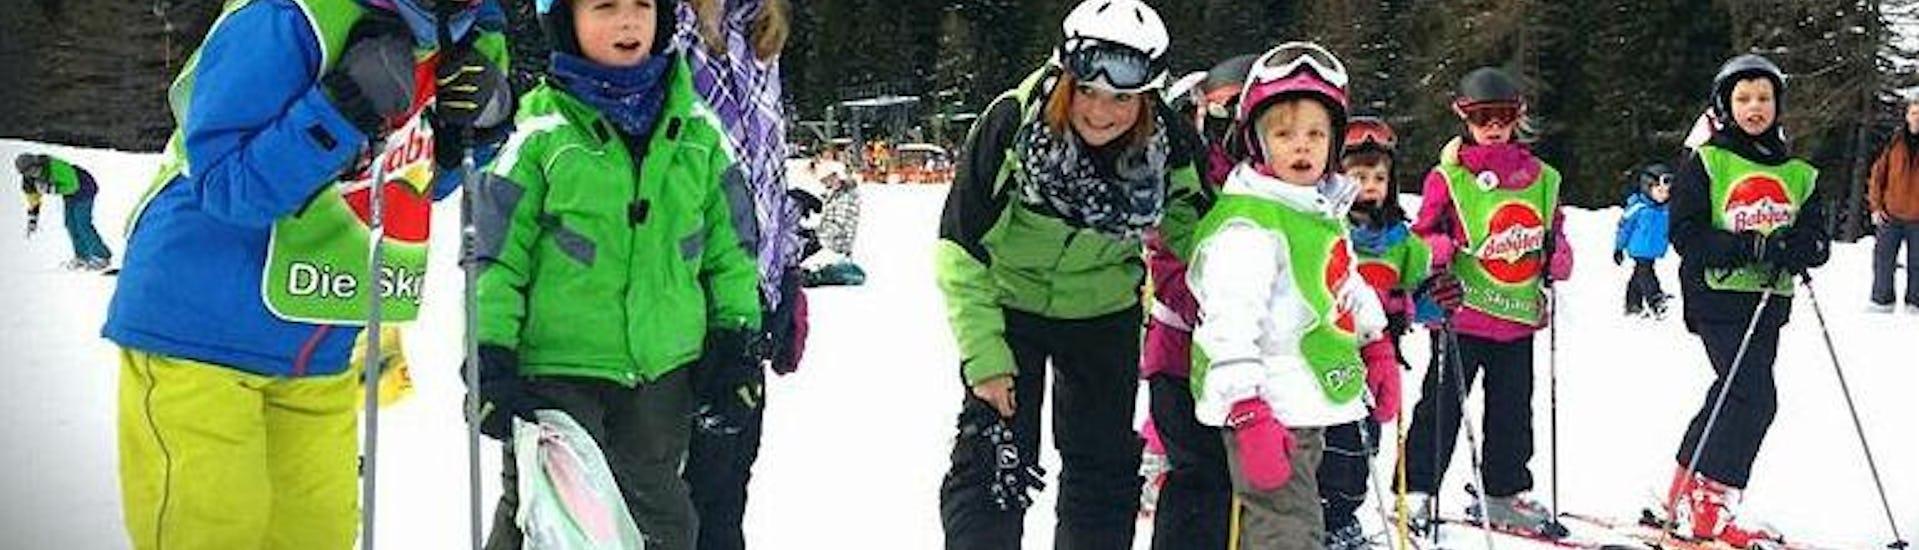 """Skikurs """"All-in-One"""" für Kinder (3-12 J.) - Fortgeschritten"""